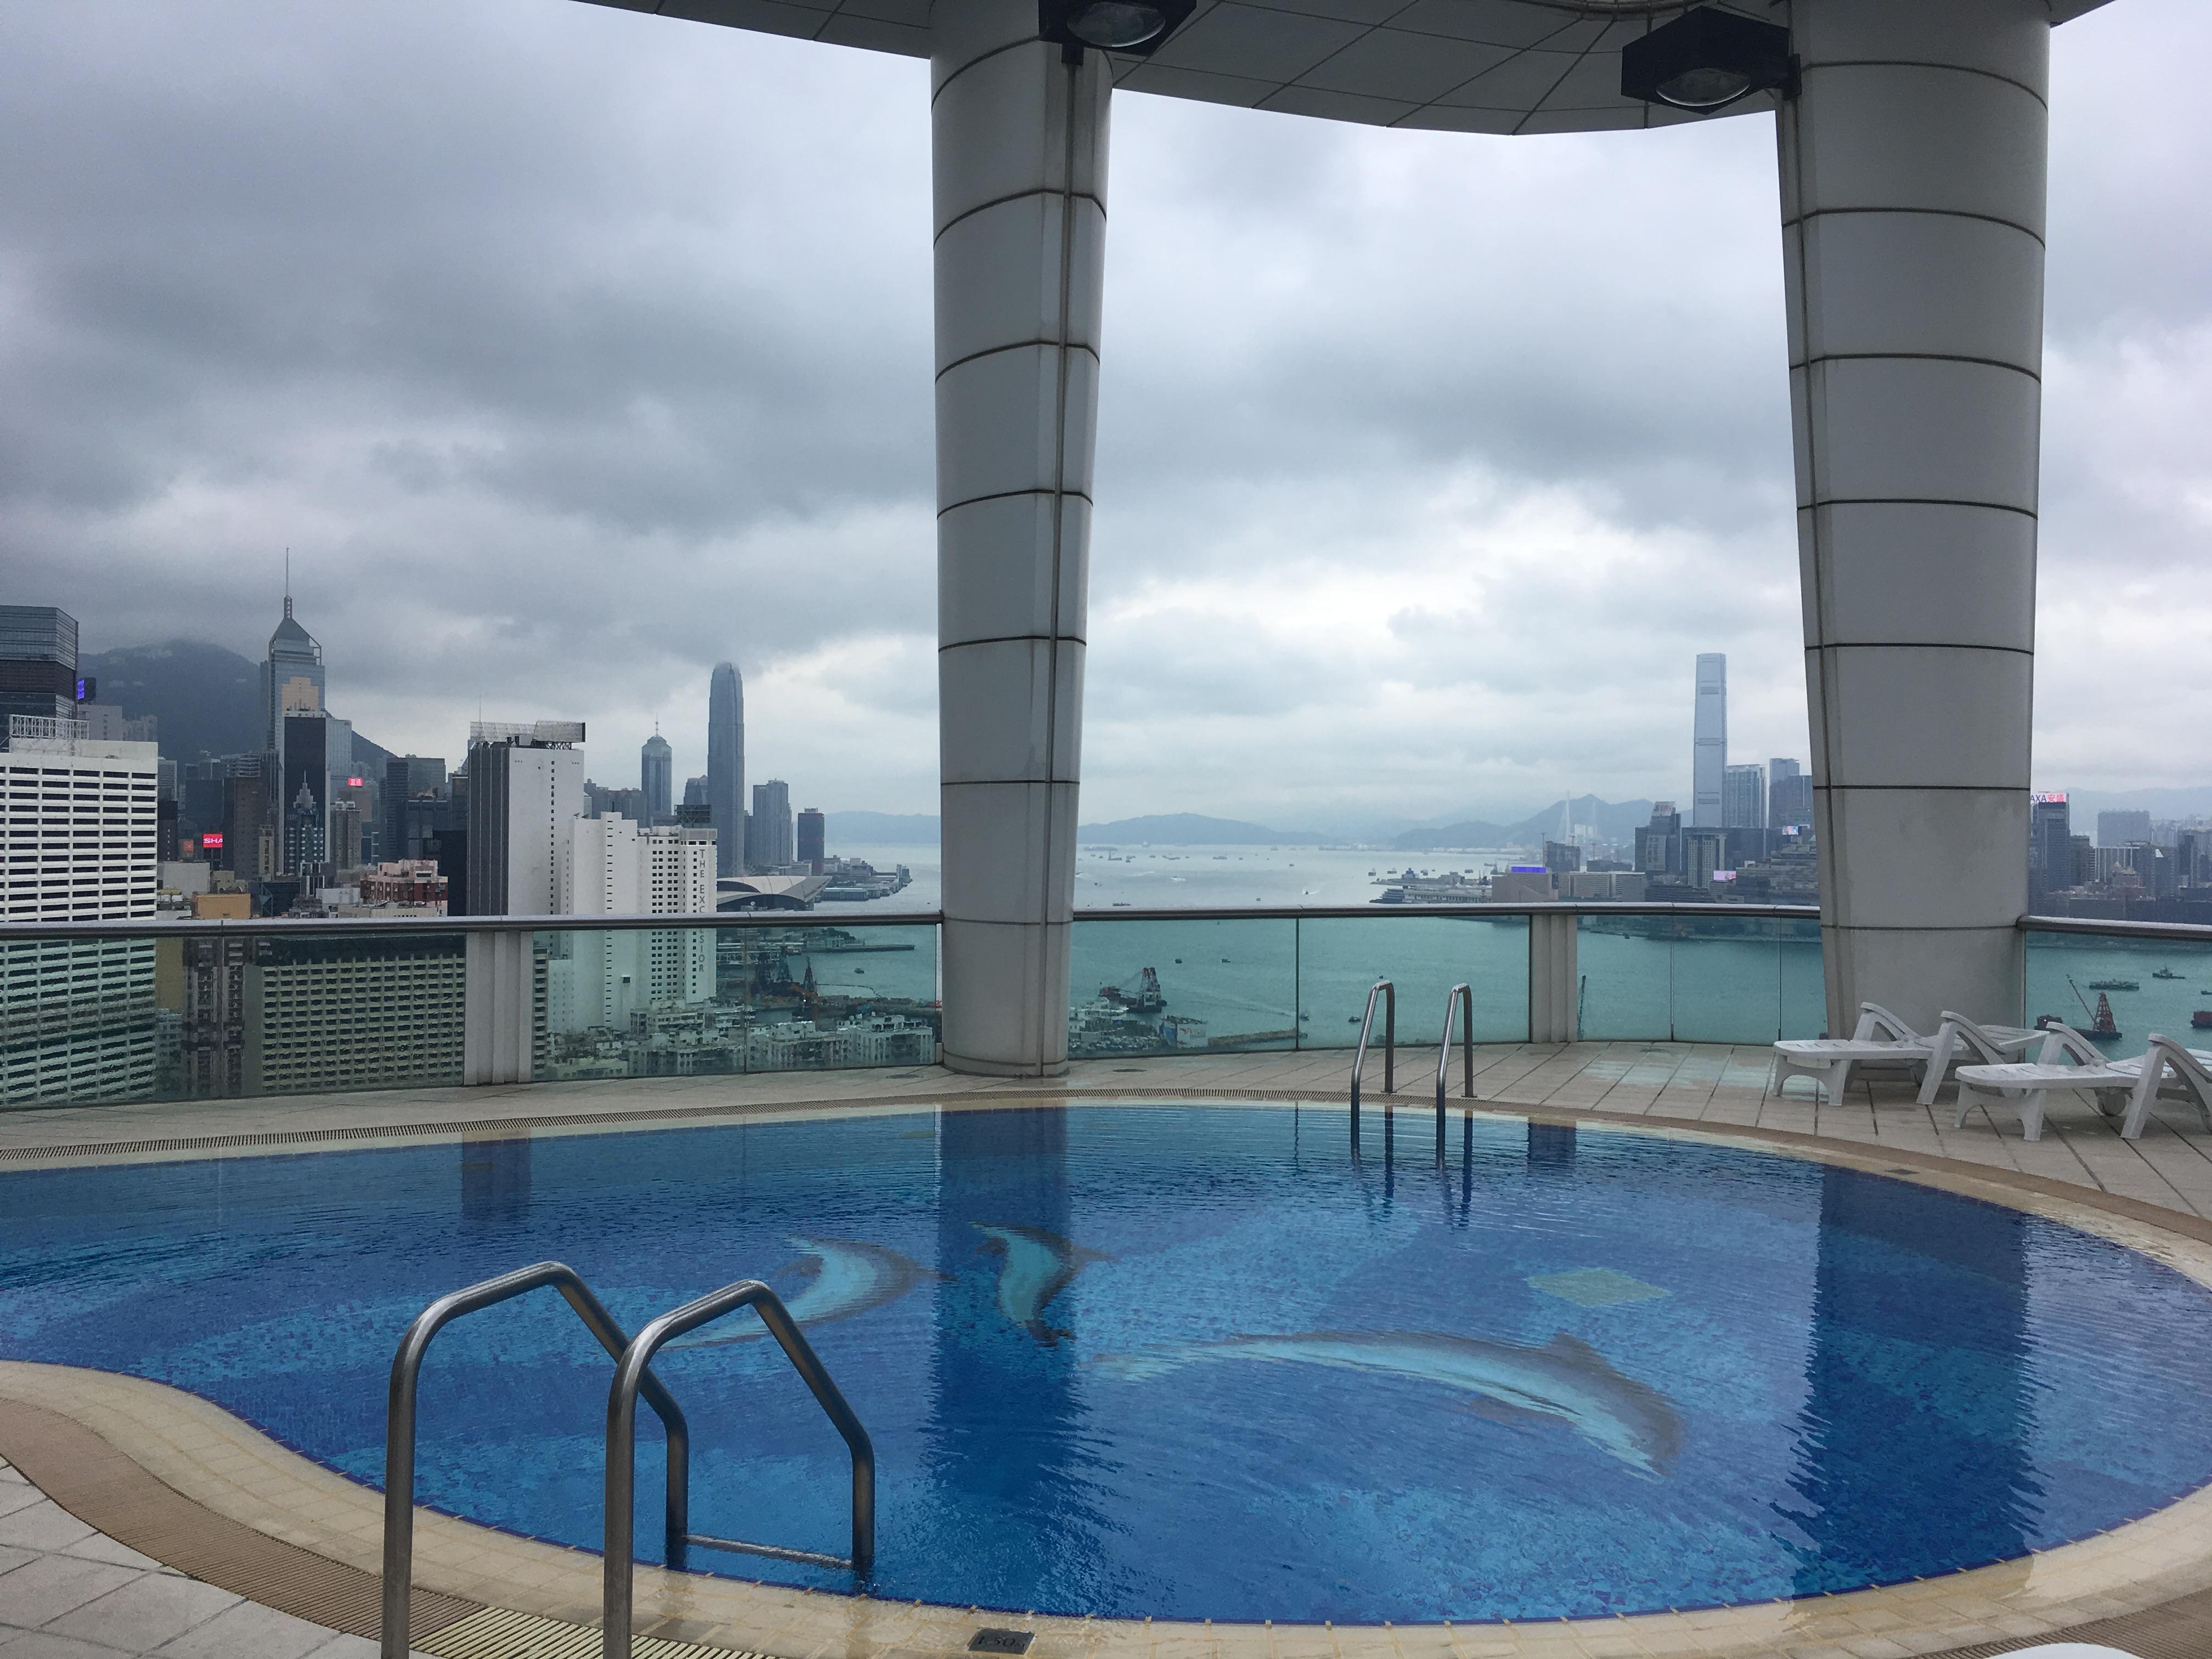 0371 - Metropark Hotel - Causeway - Hong Kong